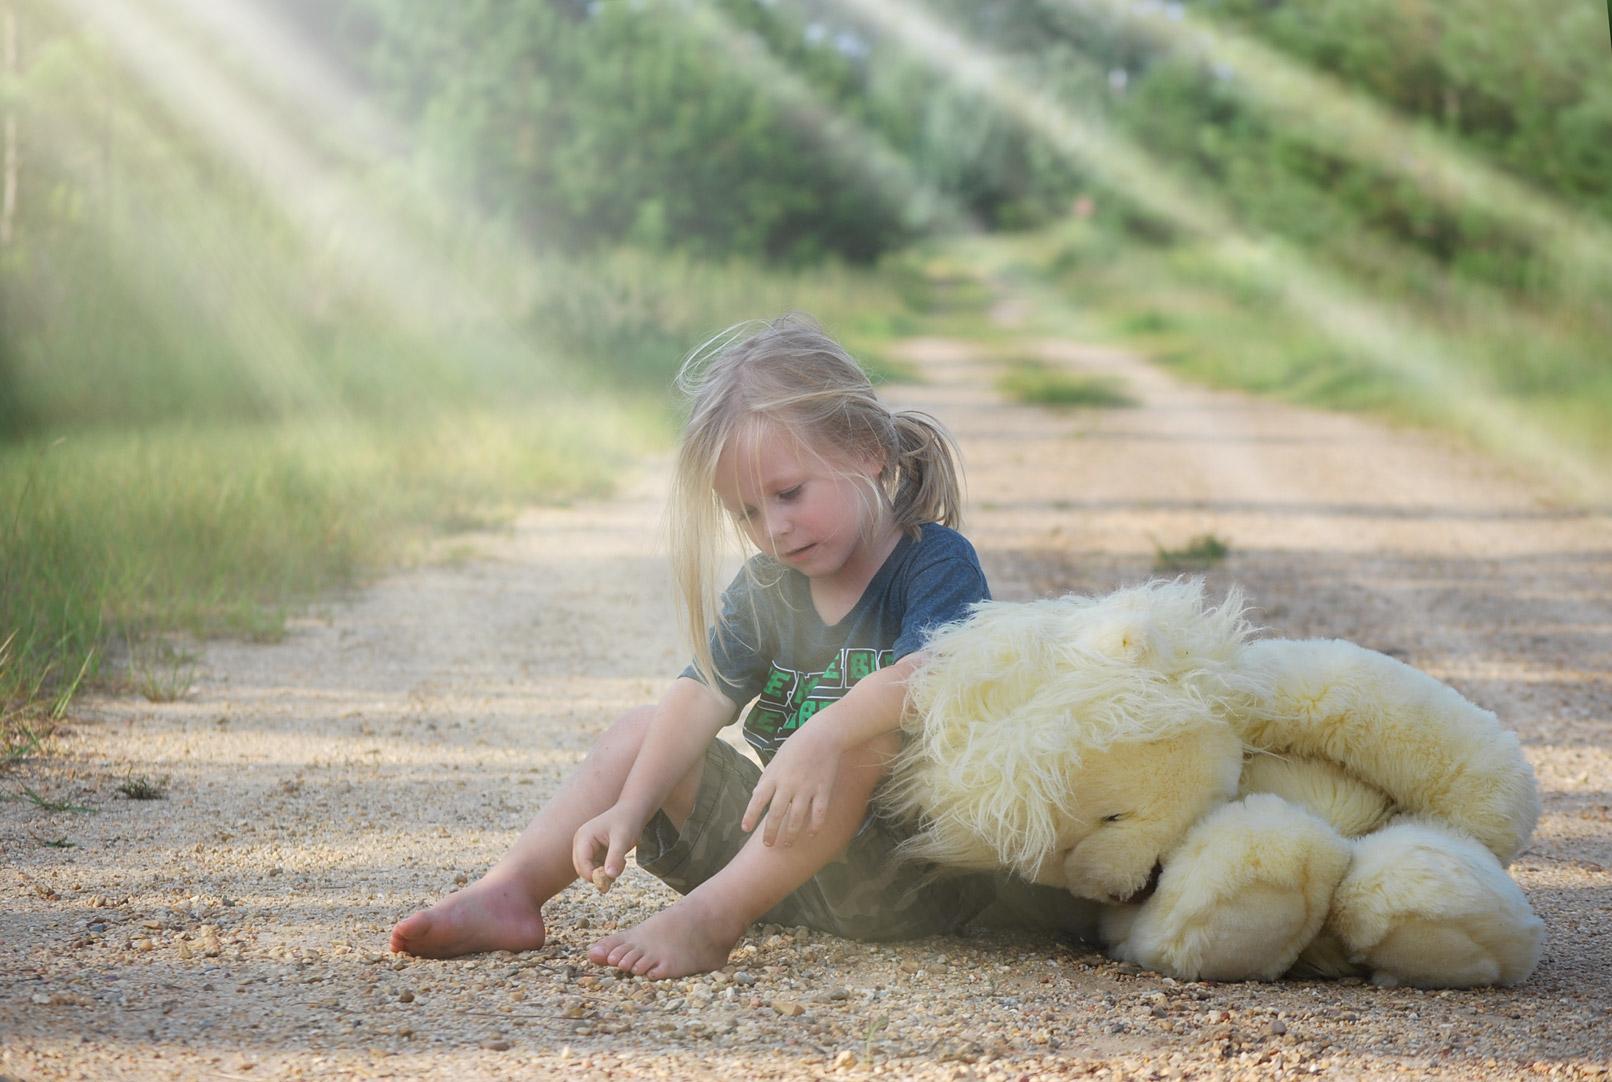 Mädchen mit Hund auf Waldweg, eingearbeitete Flares